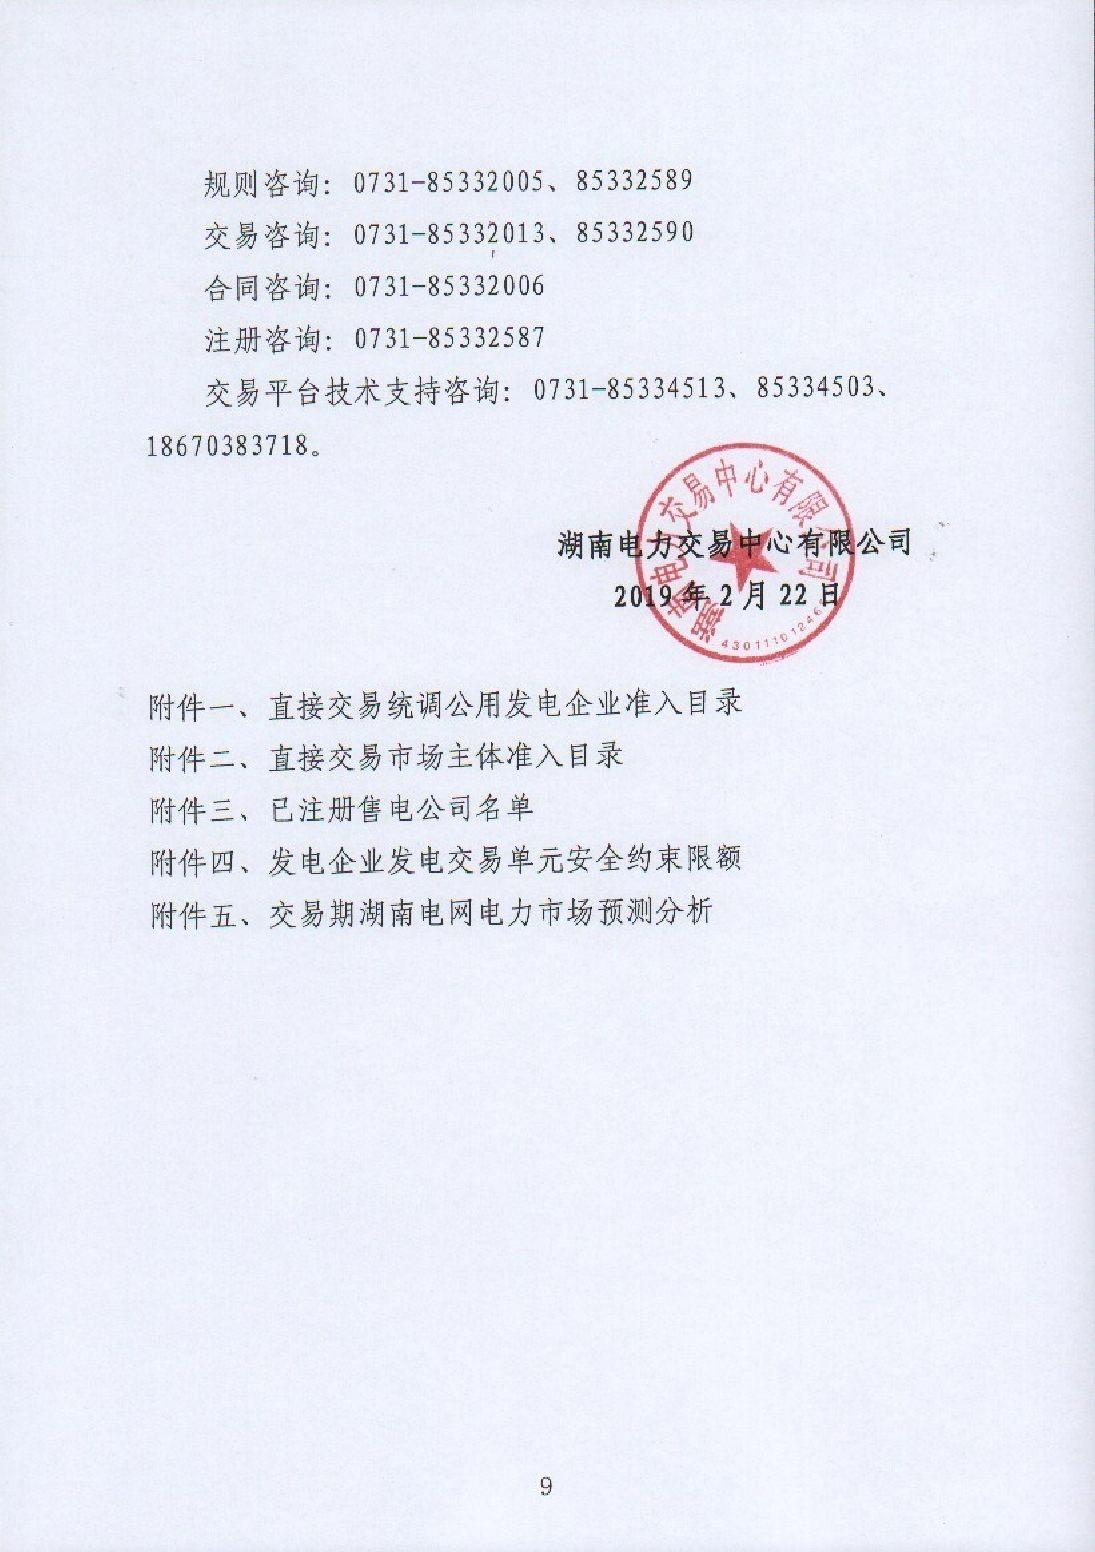 湖南電力交易中心有限公司關于2019年3月電力市場交易的公告.pdf_page_9_compressed.jpg